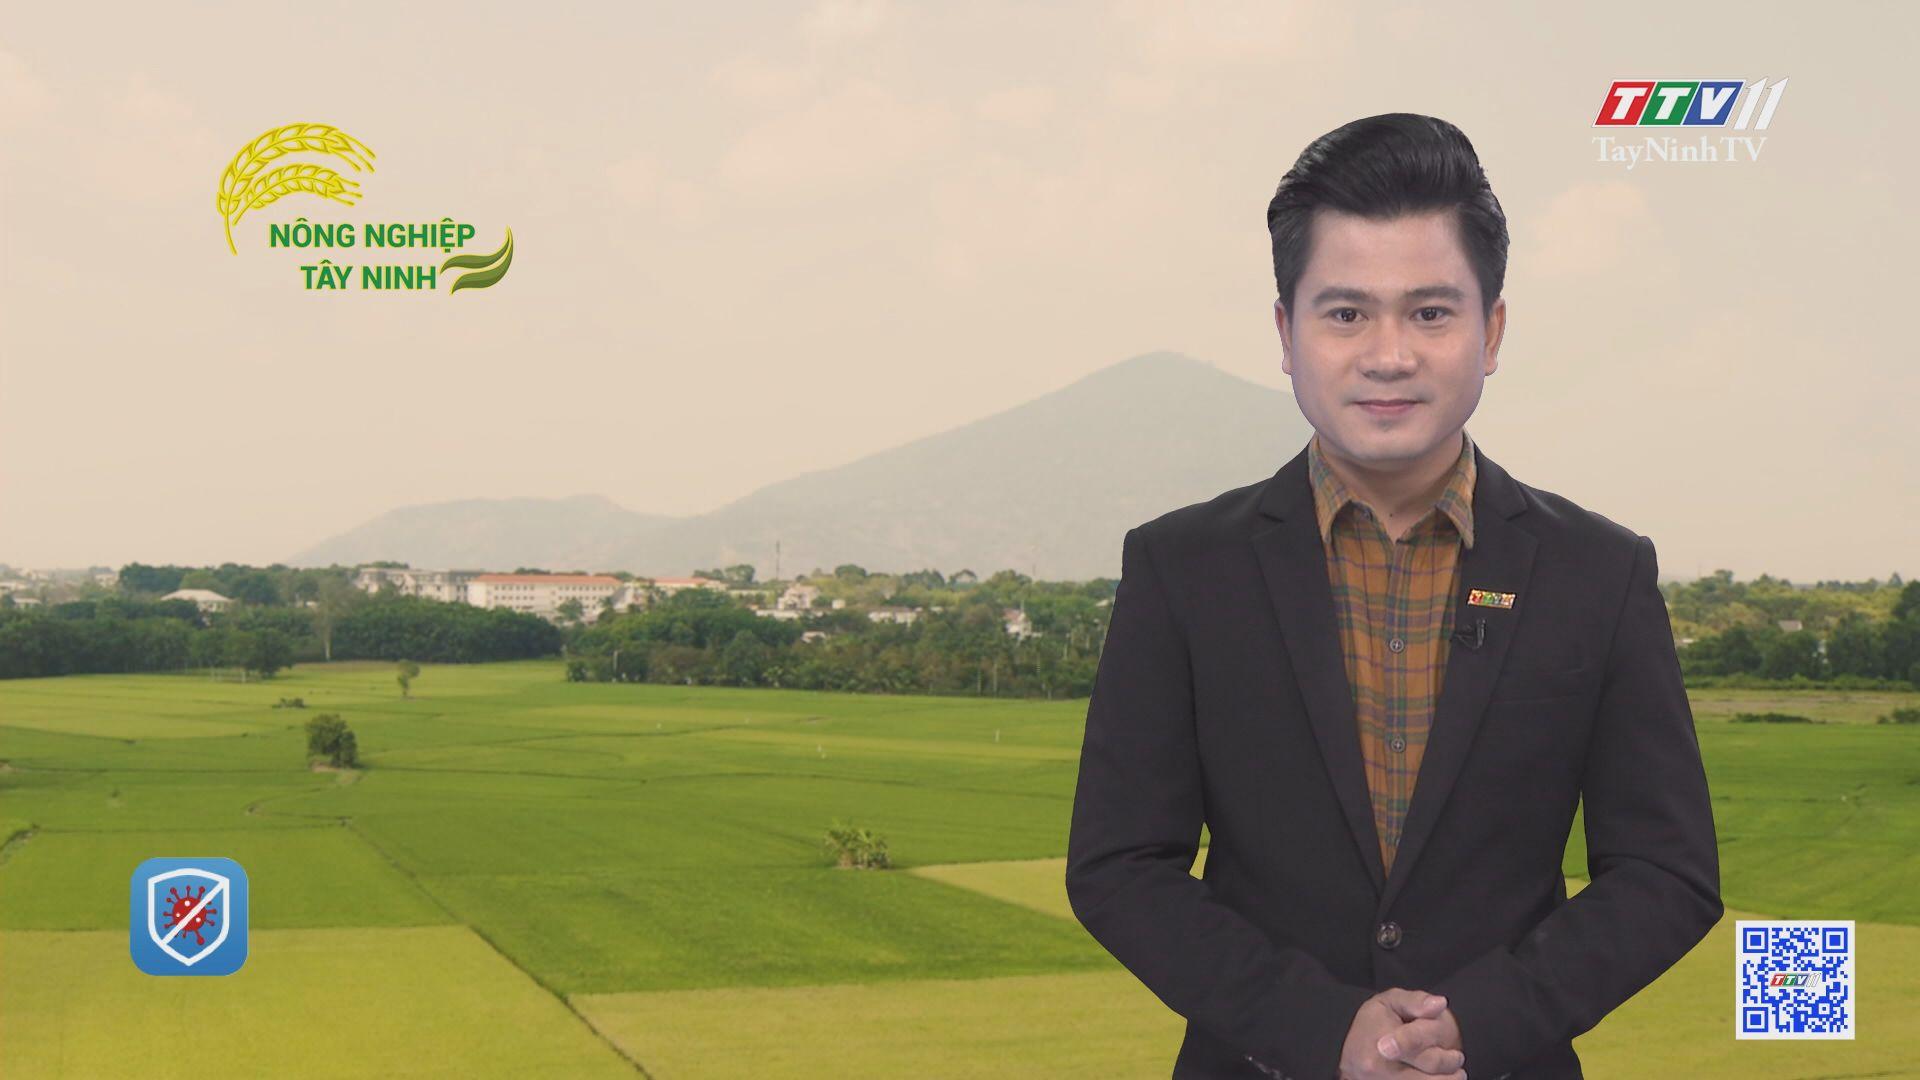 Xã Trường Đông hướng tới chuẩn nông thôn mới nâng cao | NÔNG NGHIỆP TÂY NINH | TayNinhTV